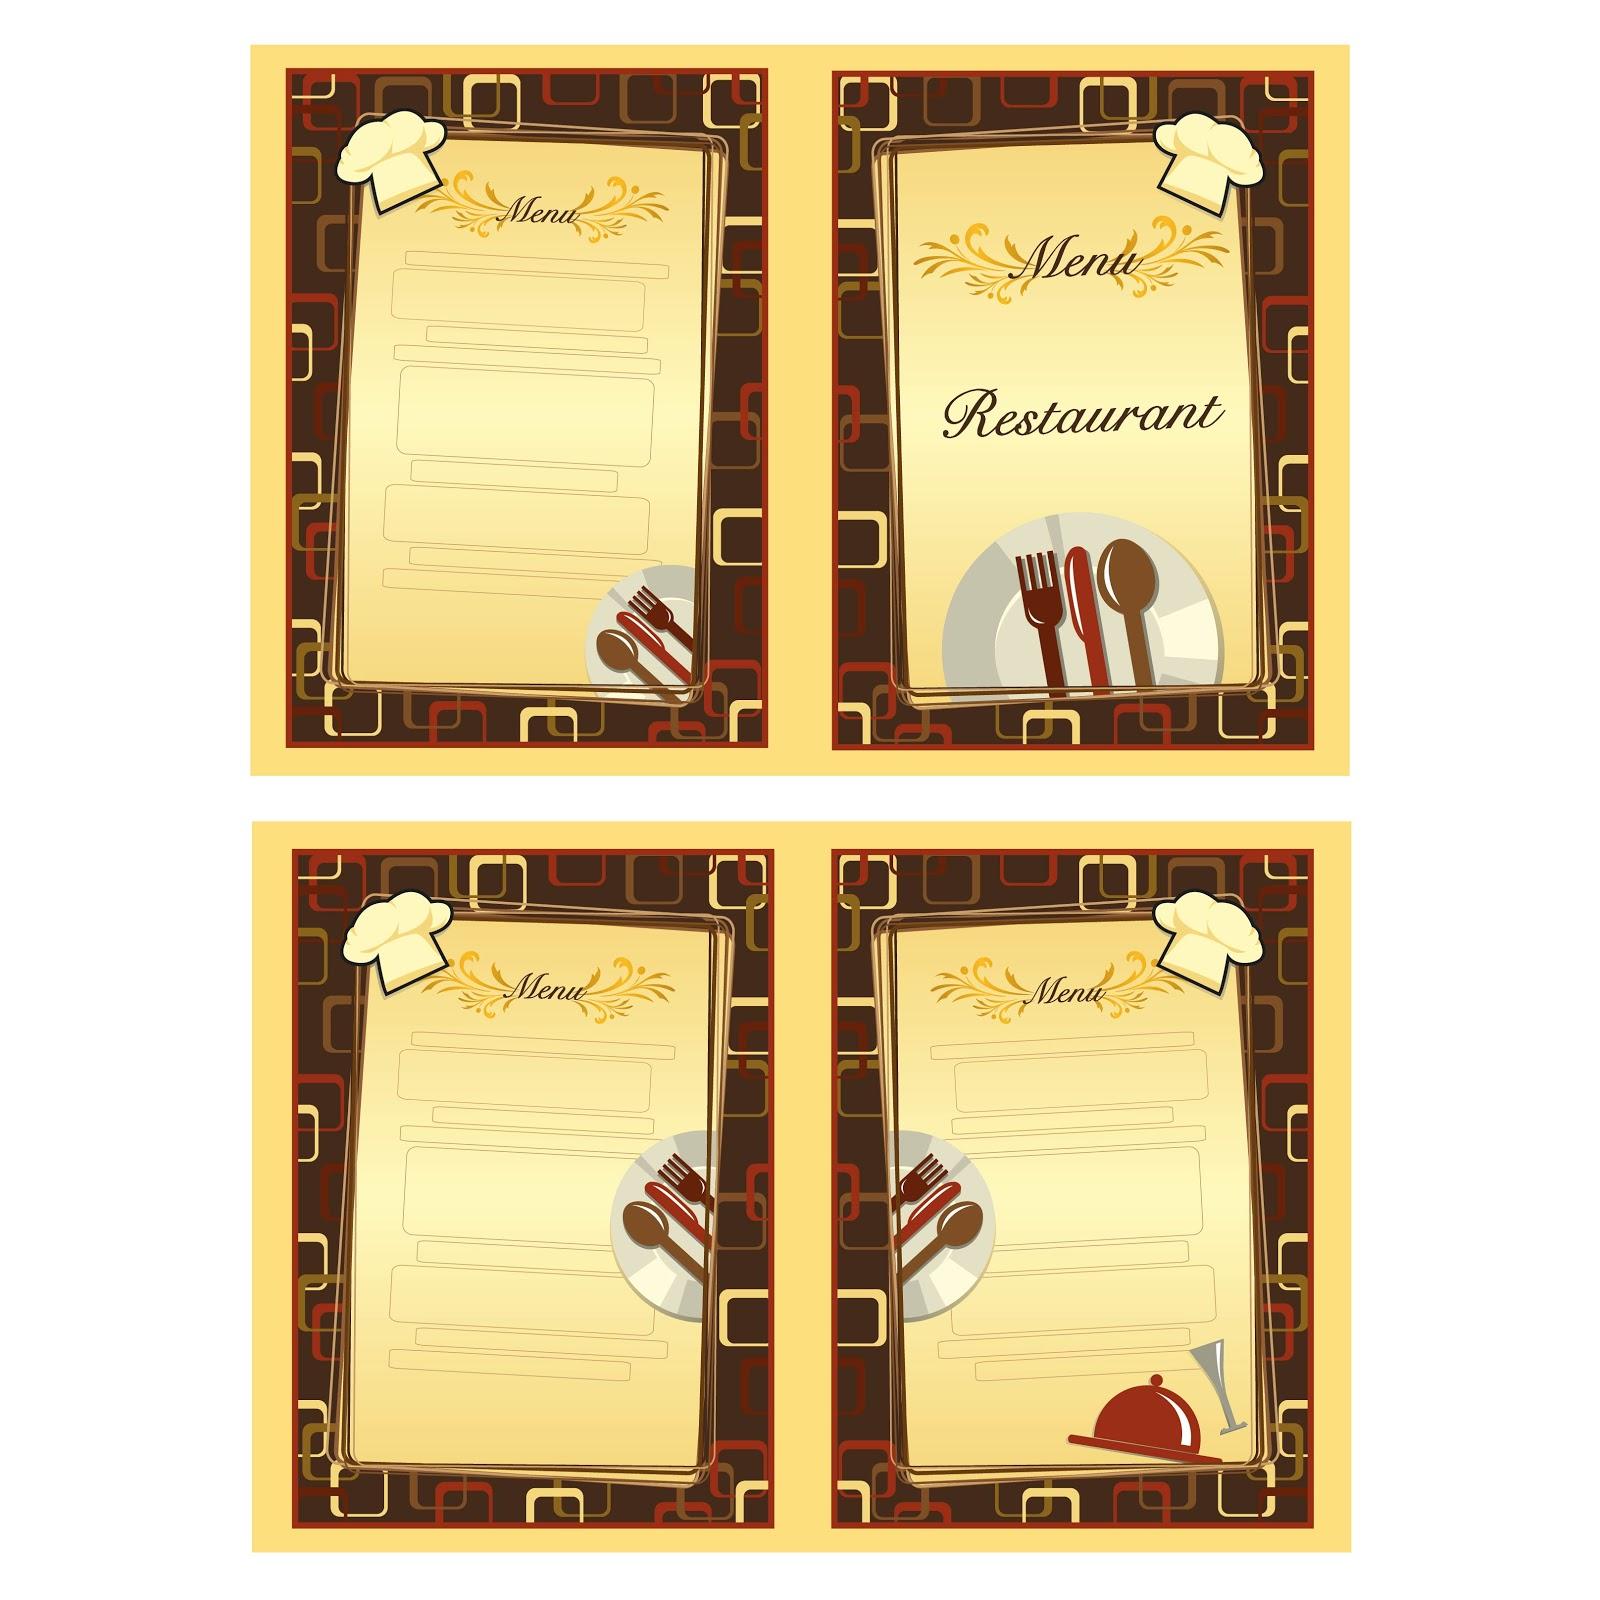 Cartas para restaurantes dise os para cartas for Disenos de menus para restaurantes